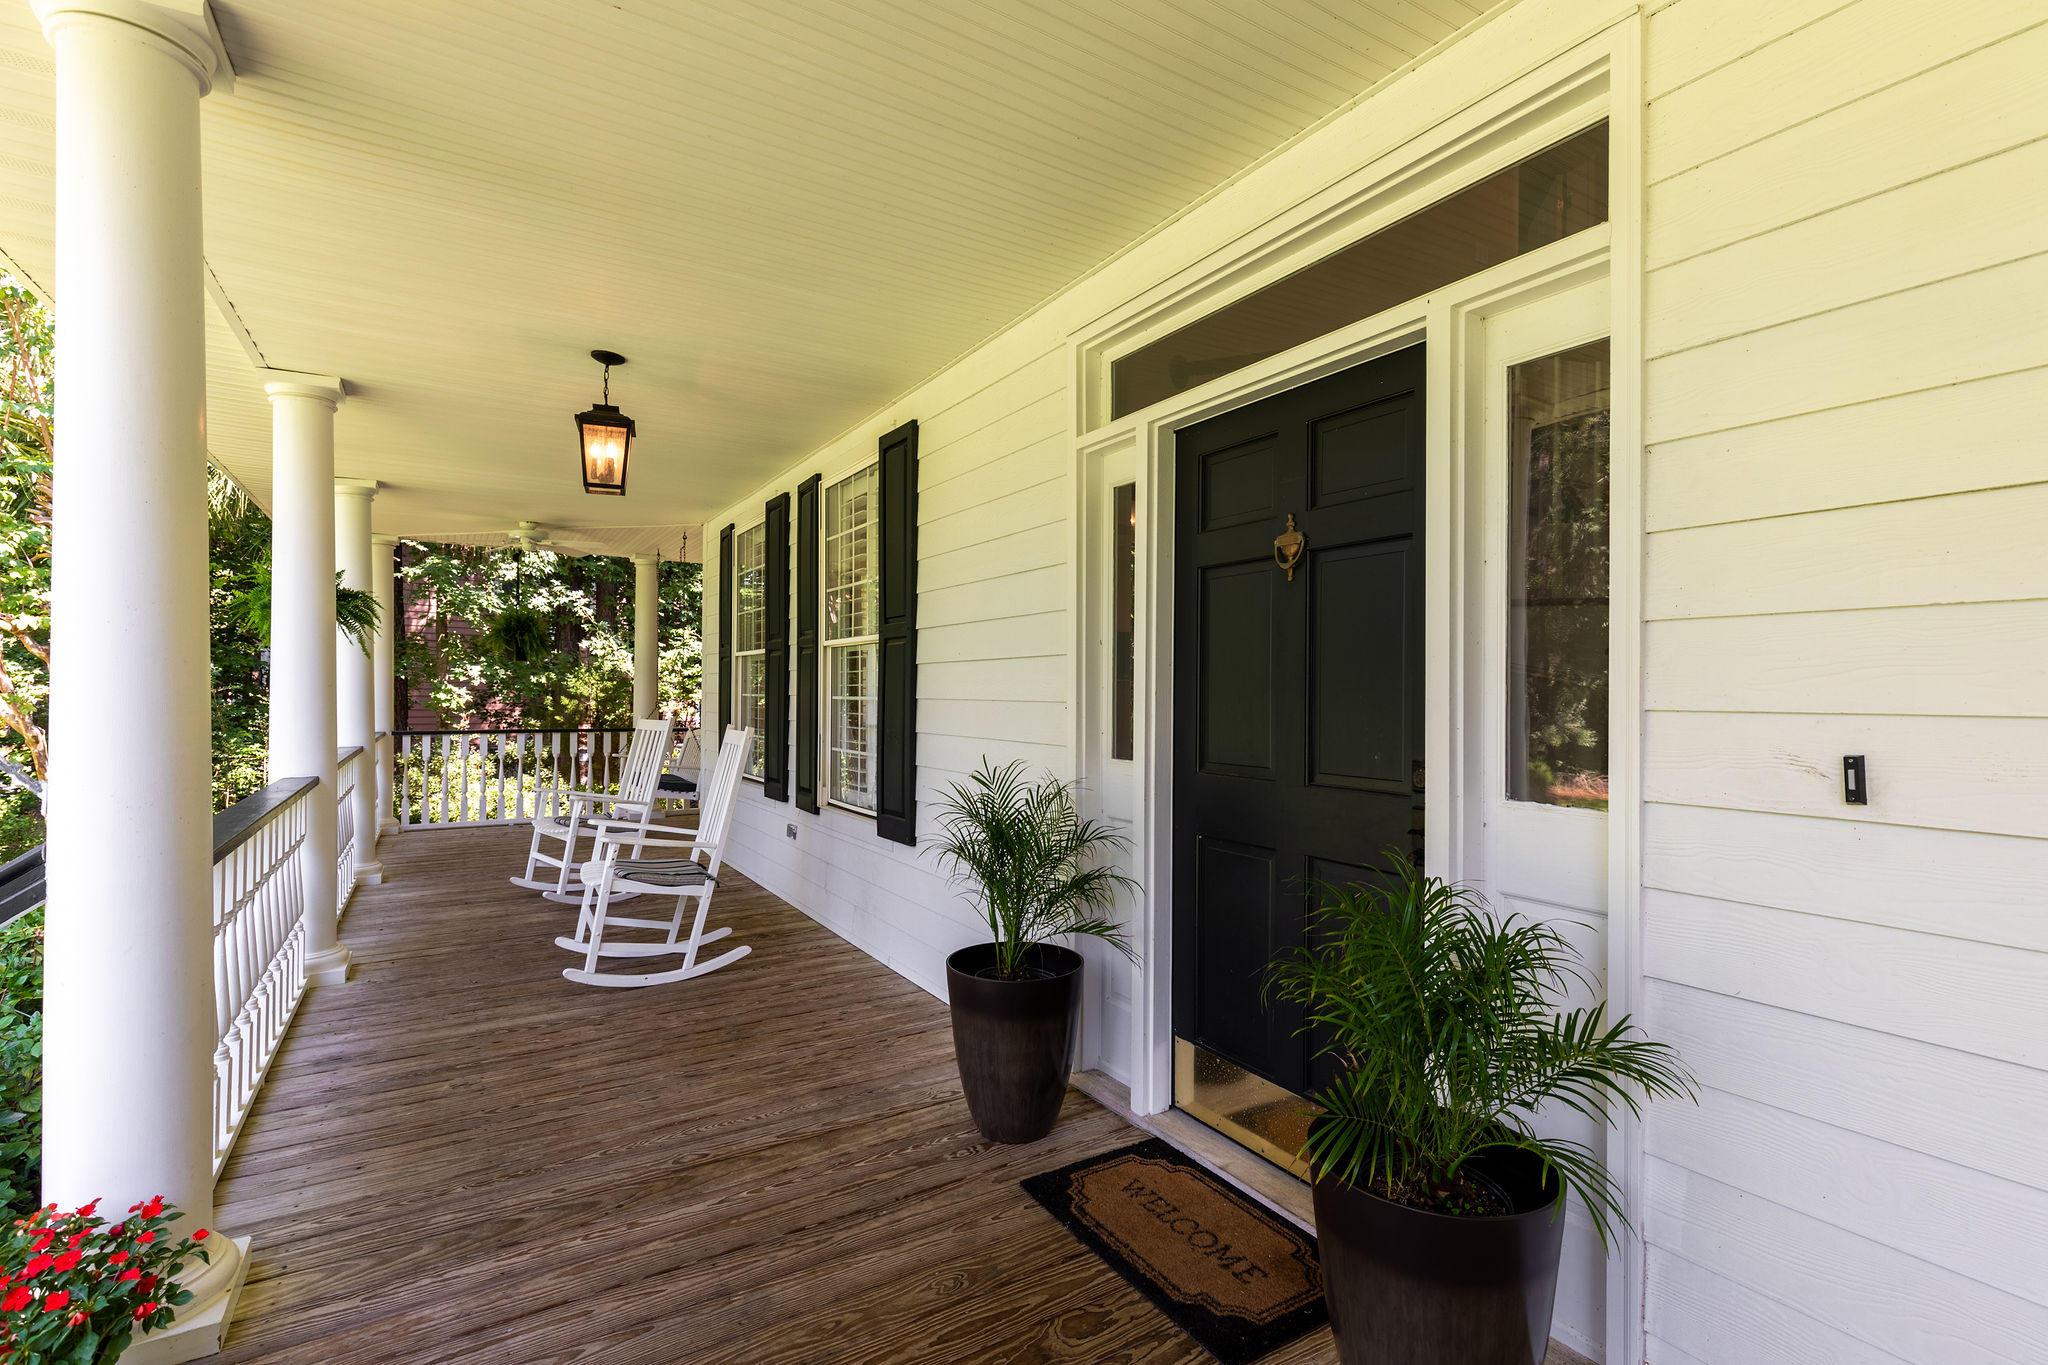 Dunes West Homes For Sale - 3201 Cottonfield, Mount Pleasant, SC - 40